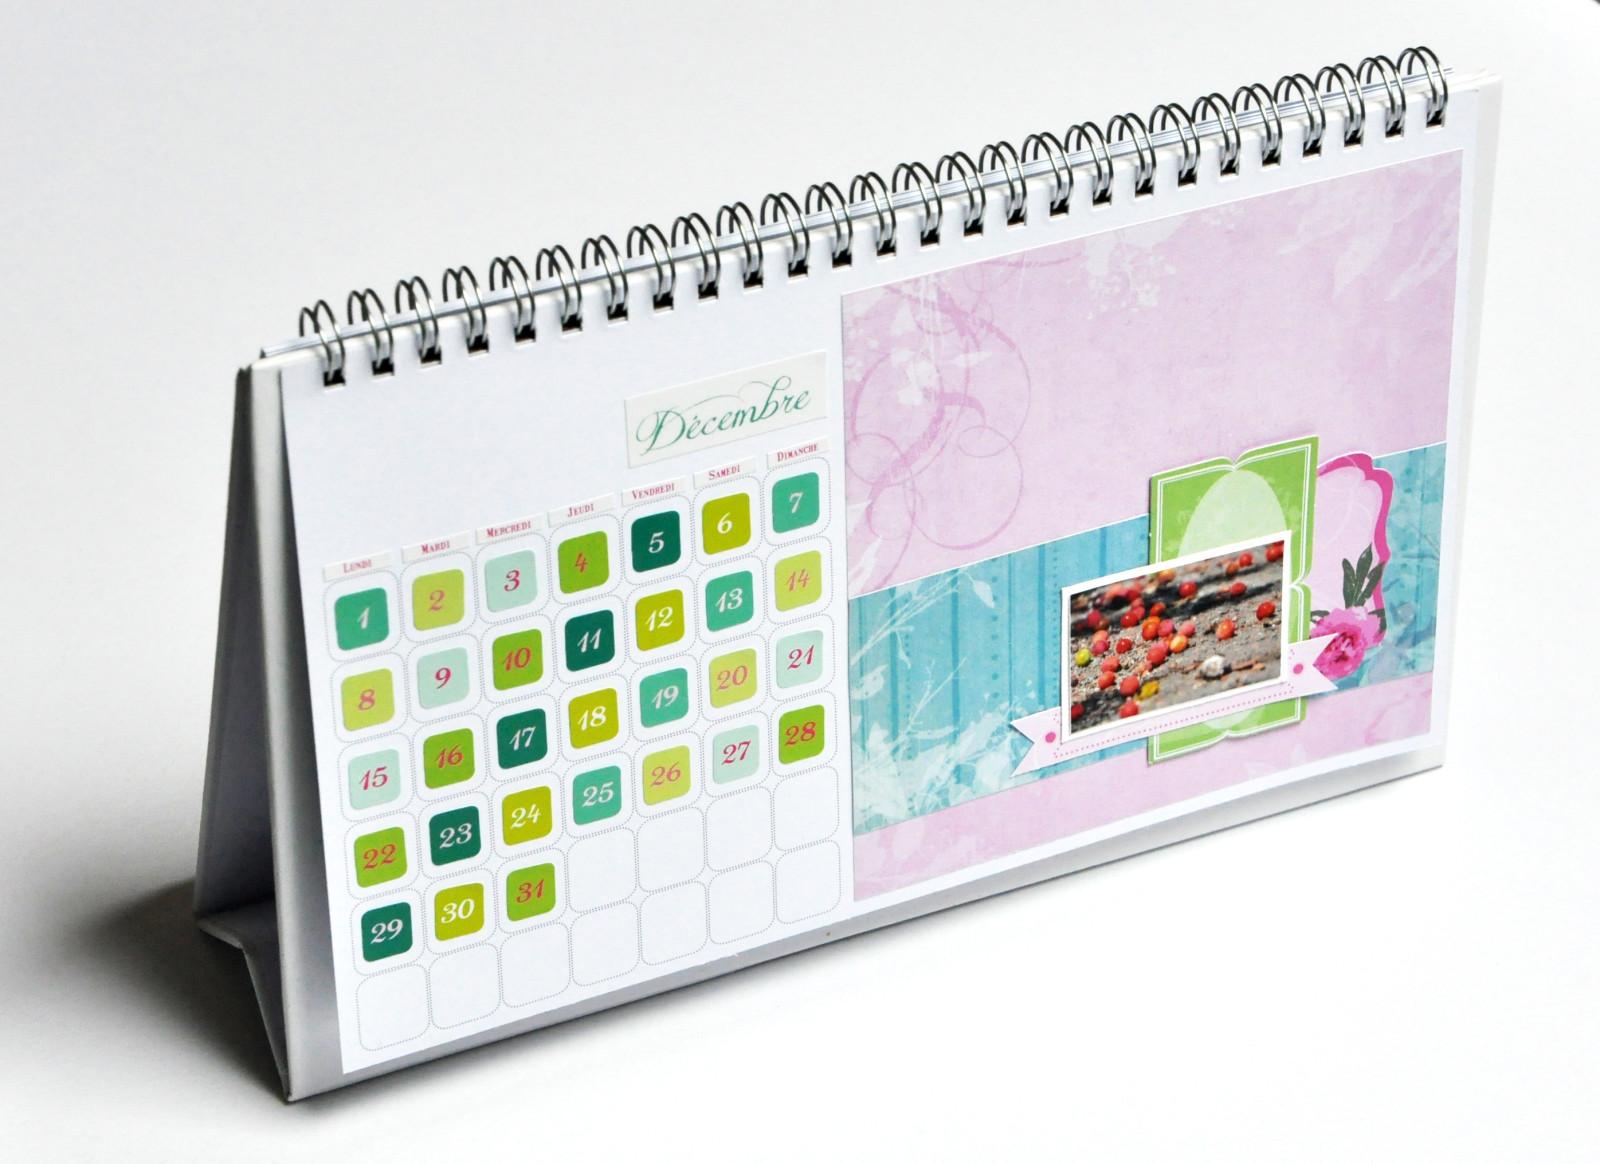 Le calendrier personnalis un joli cadeau de fin d ann e cadeau pour entreprise - Calendrier de bureau personnalise ...